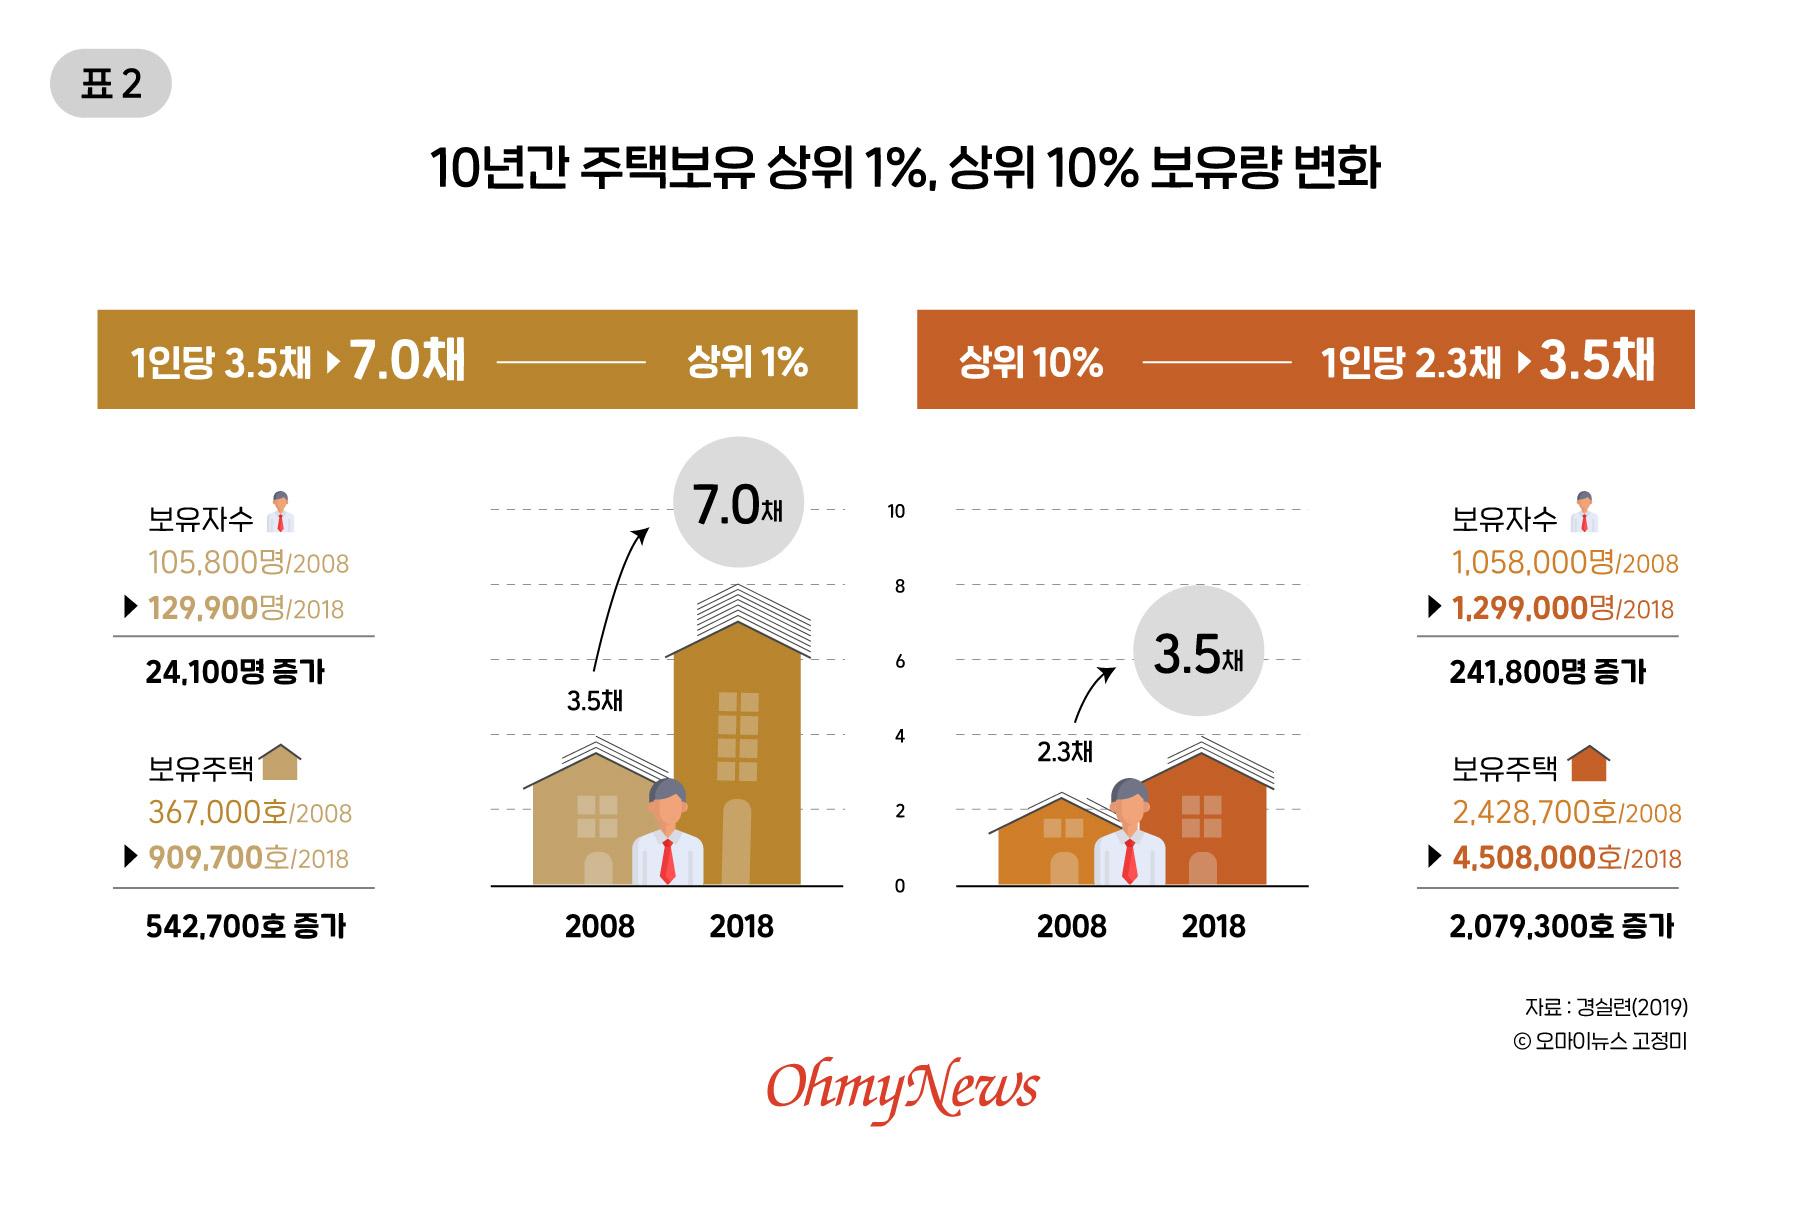 10년간 주택보유 상위 1%, 상위 10% 보유량 변화